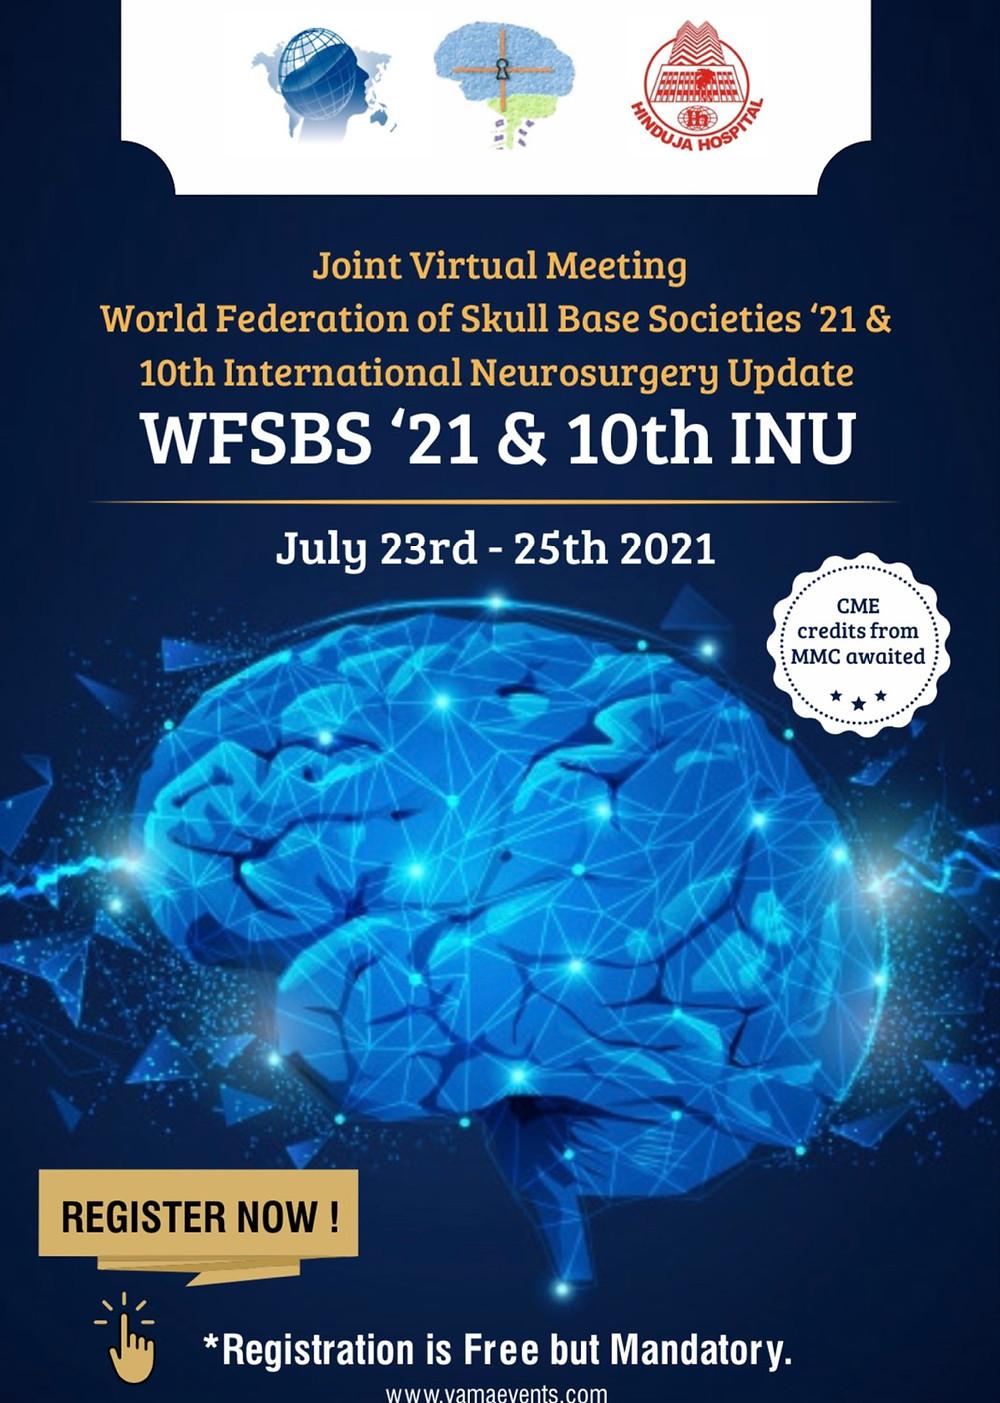 WFSBS 2021 & 10th INU